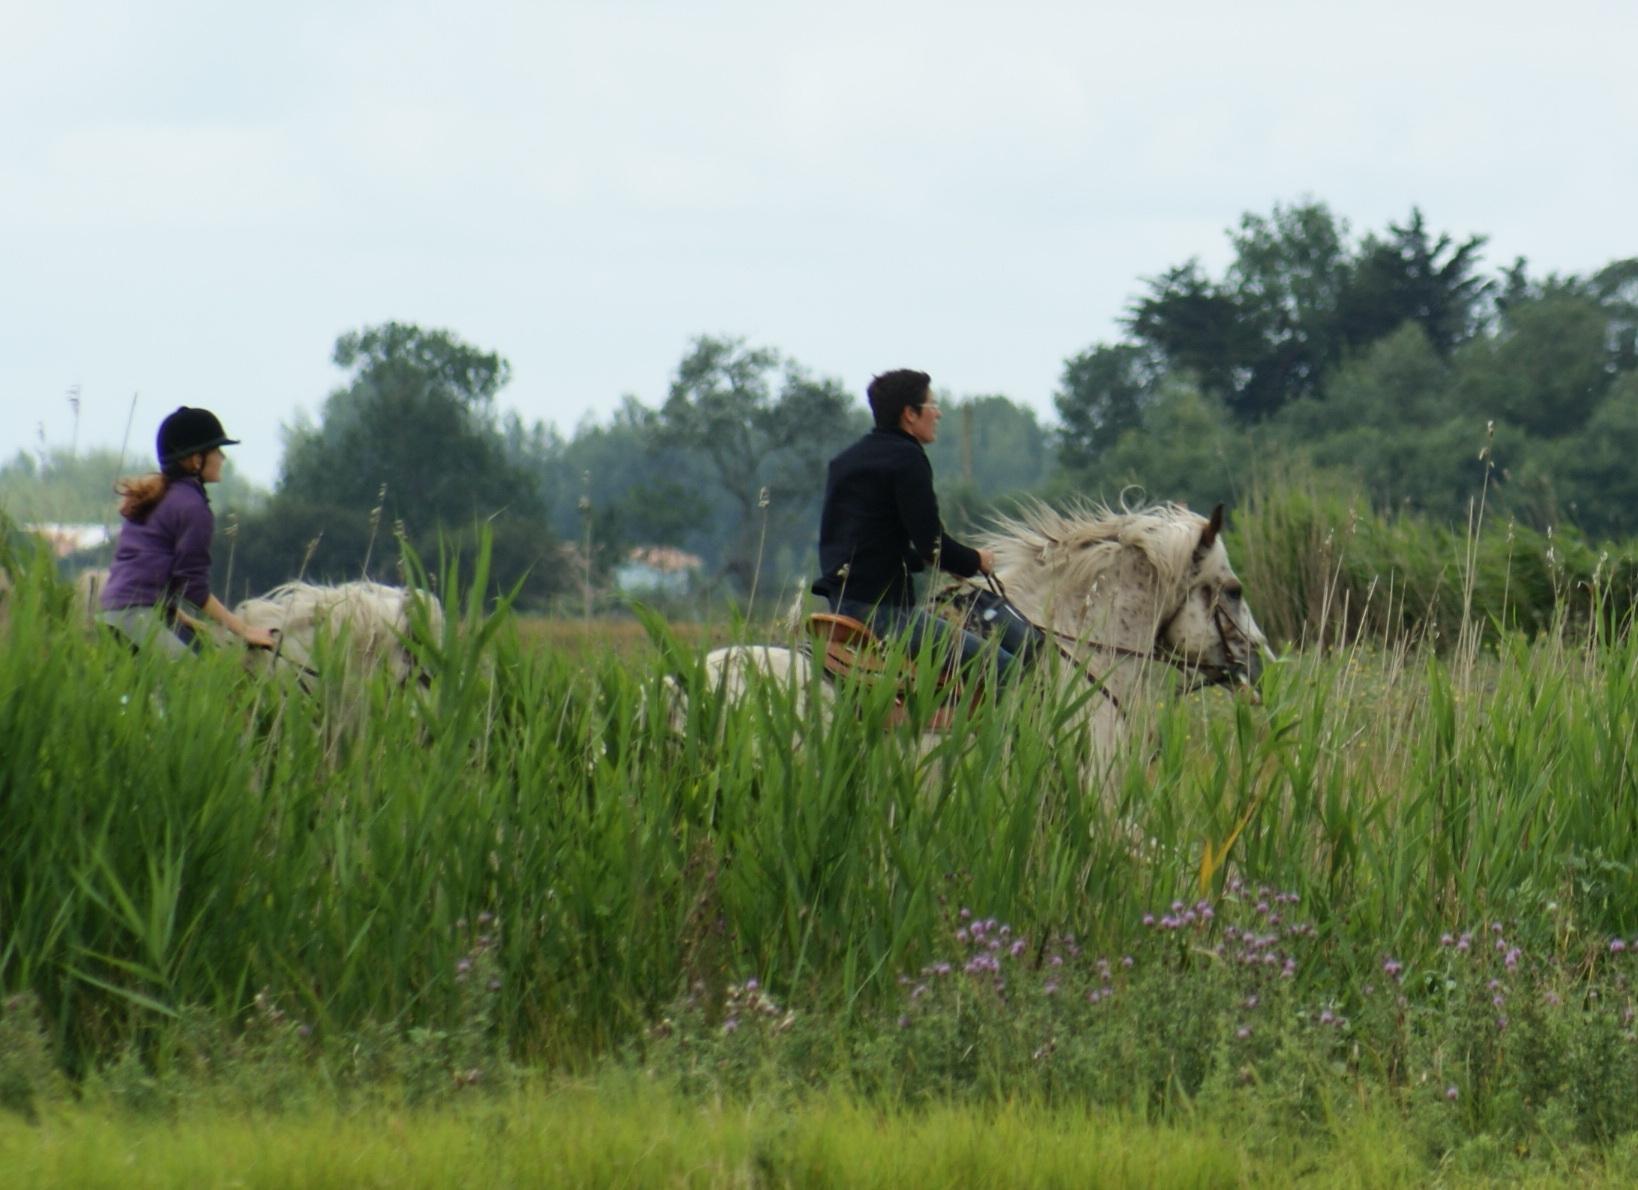 balade equestre dans le marais de sallertaine